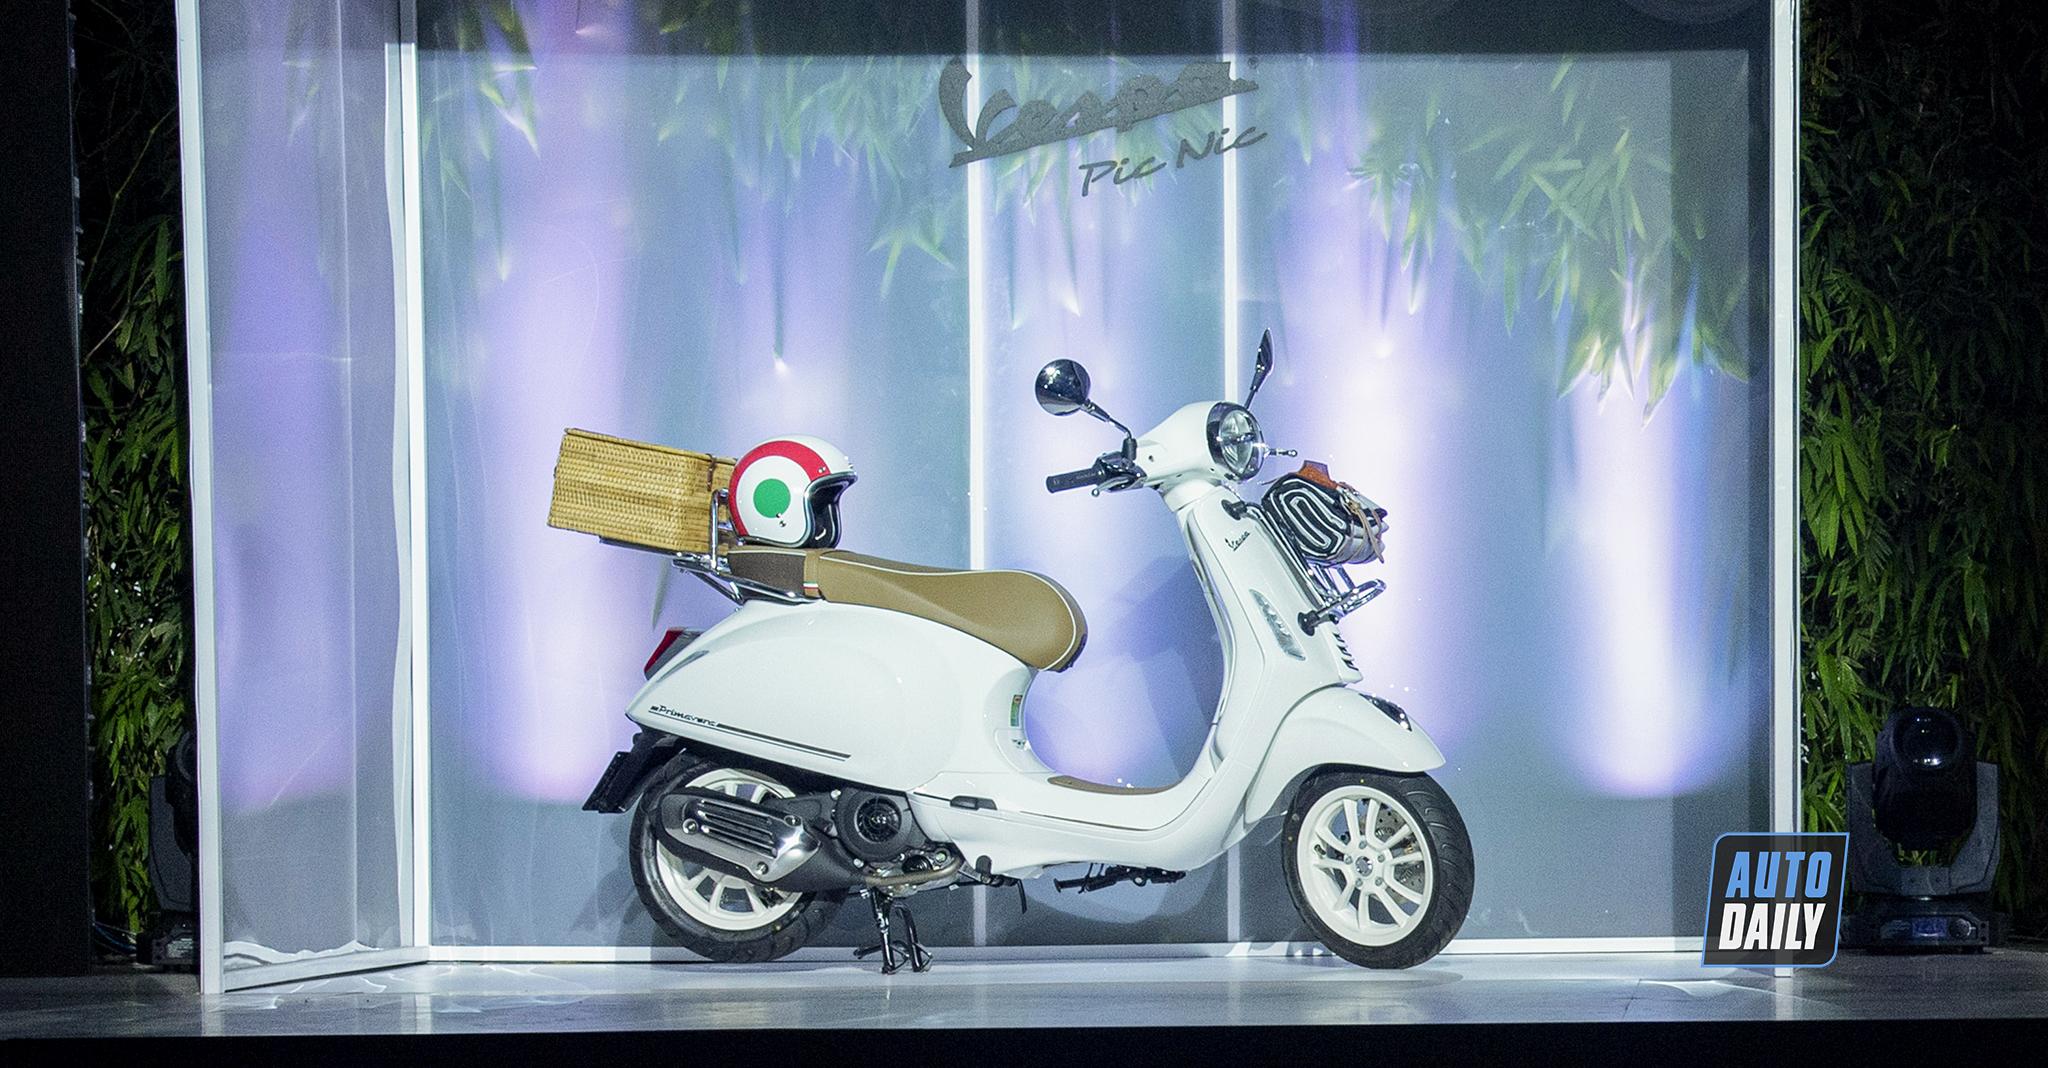 Vespa Picnic ra mắt tại Việt Nam, giới hạn chỉ 300 chiếc giá 88 triệu